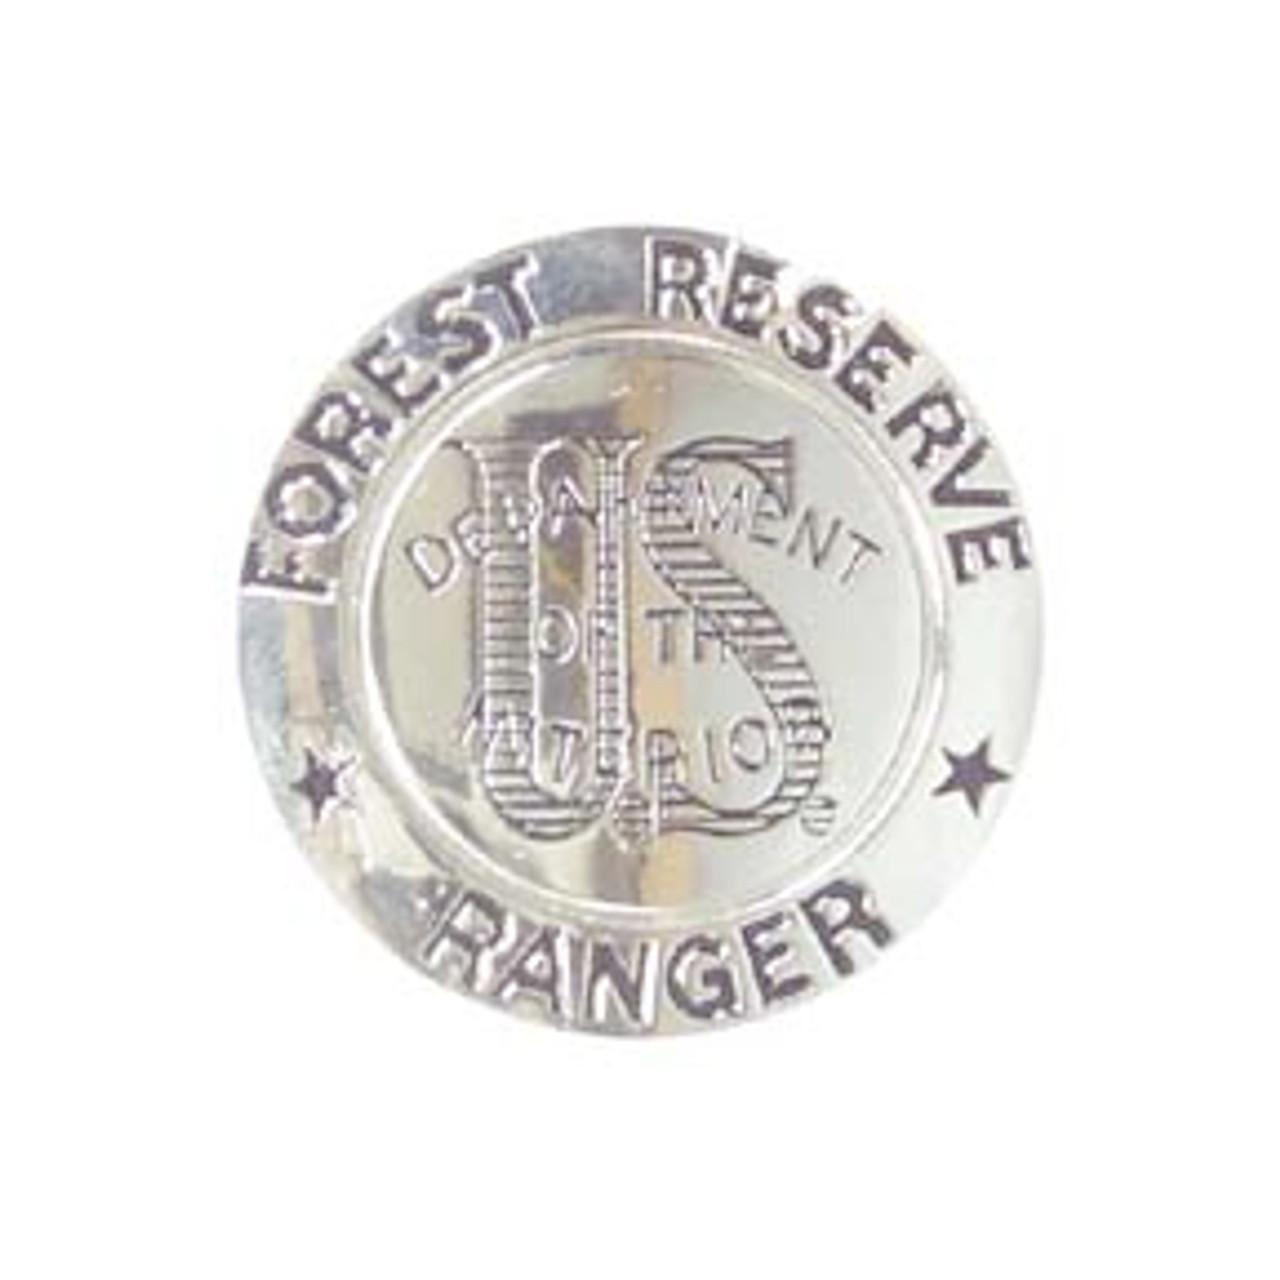 US Forest Service Reserve Ranger Badge